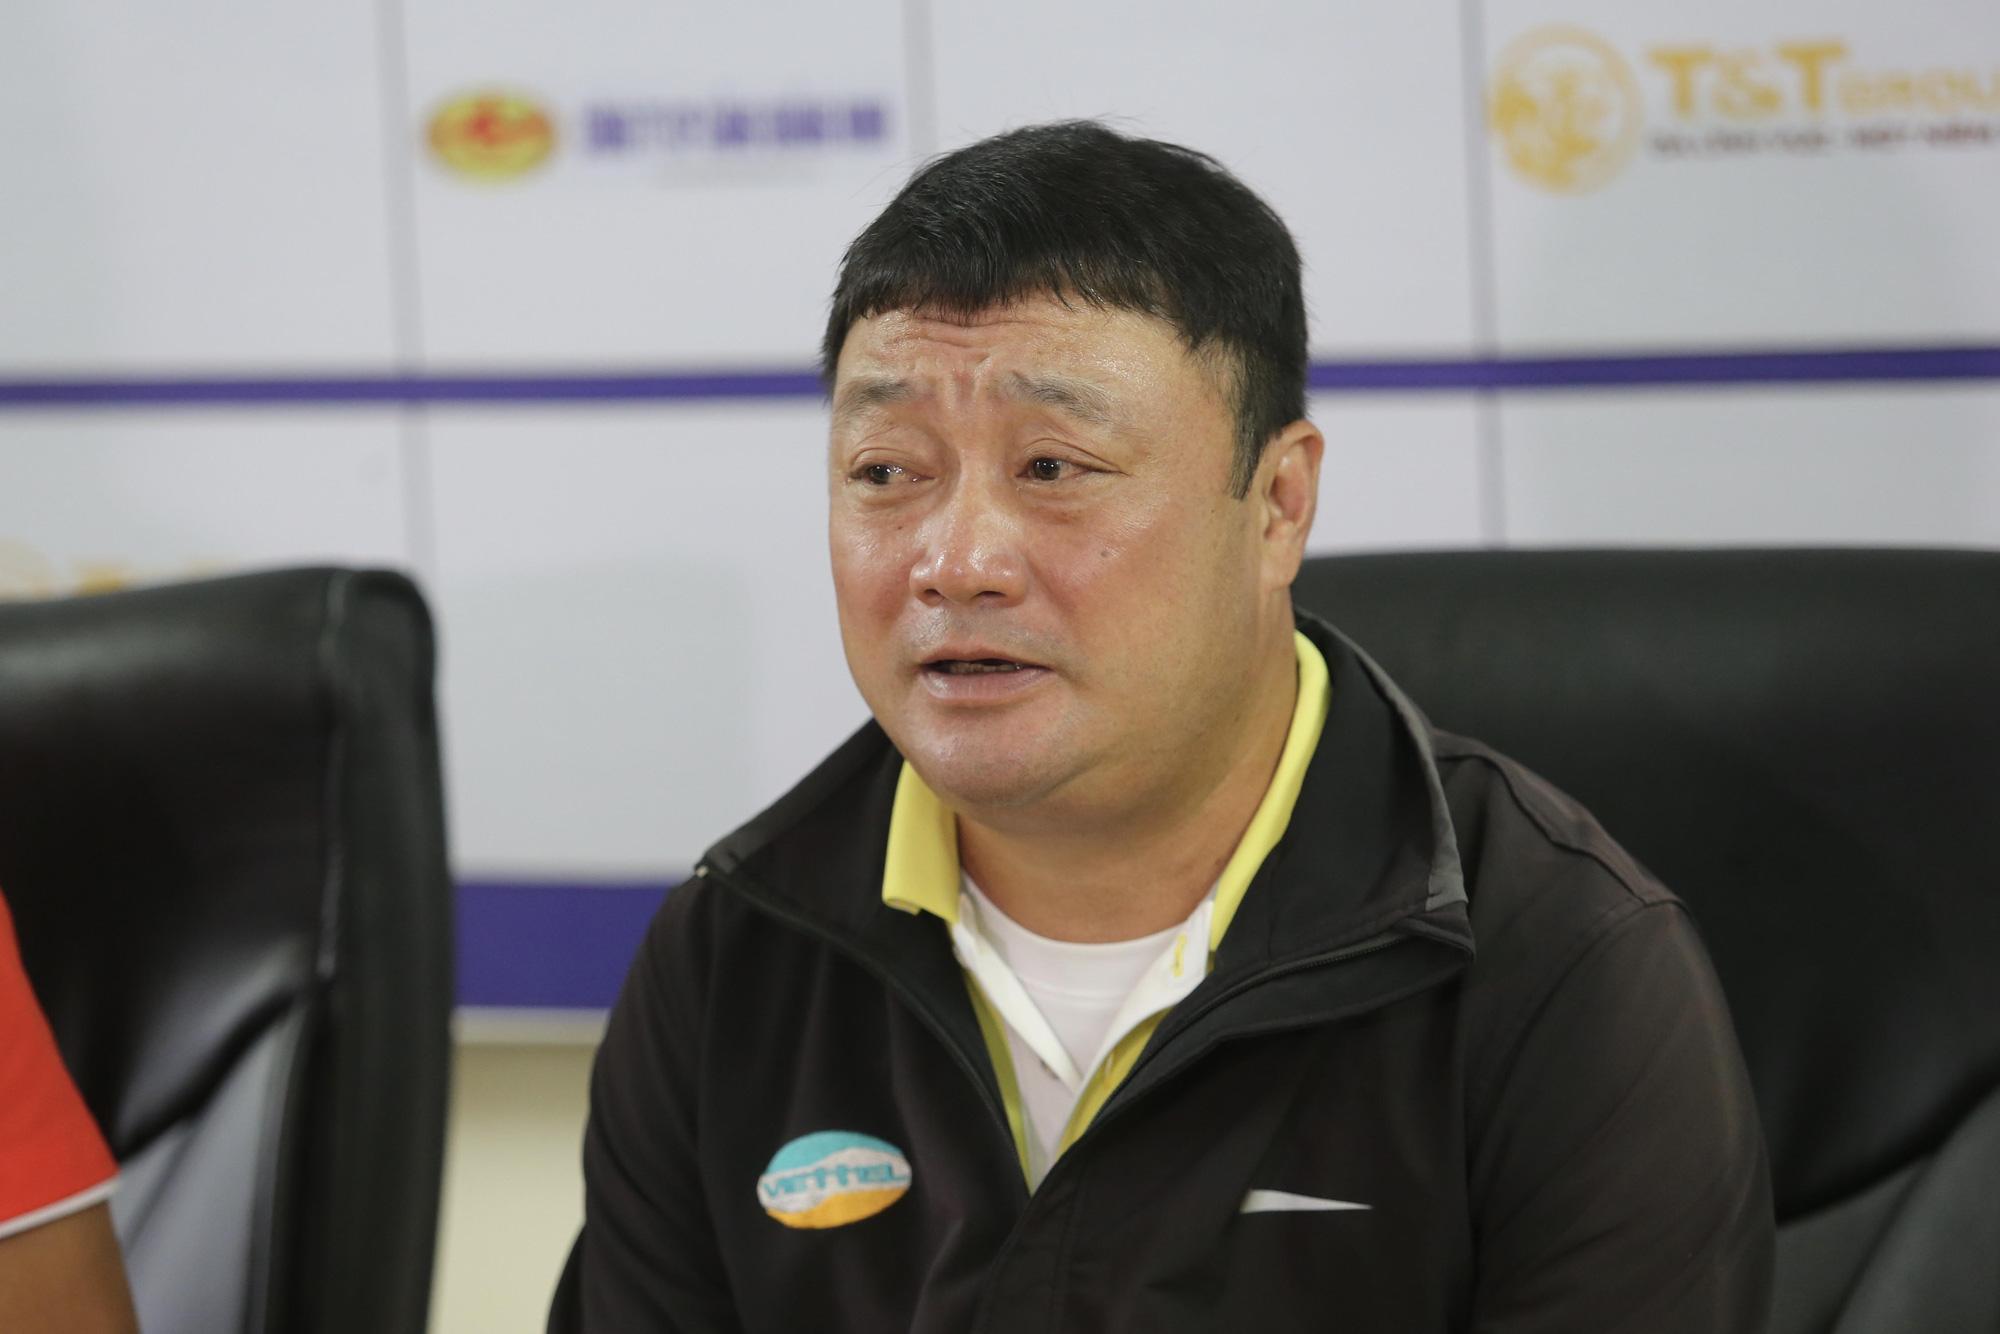 HLV Trương Việt Hoàng khẳng định sẽ đá tấn công khi tiếp HAGL tối 9/10 tới.